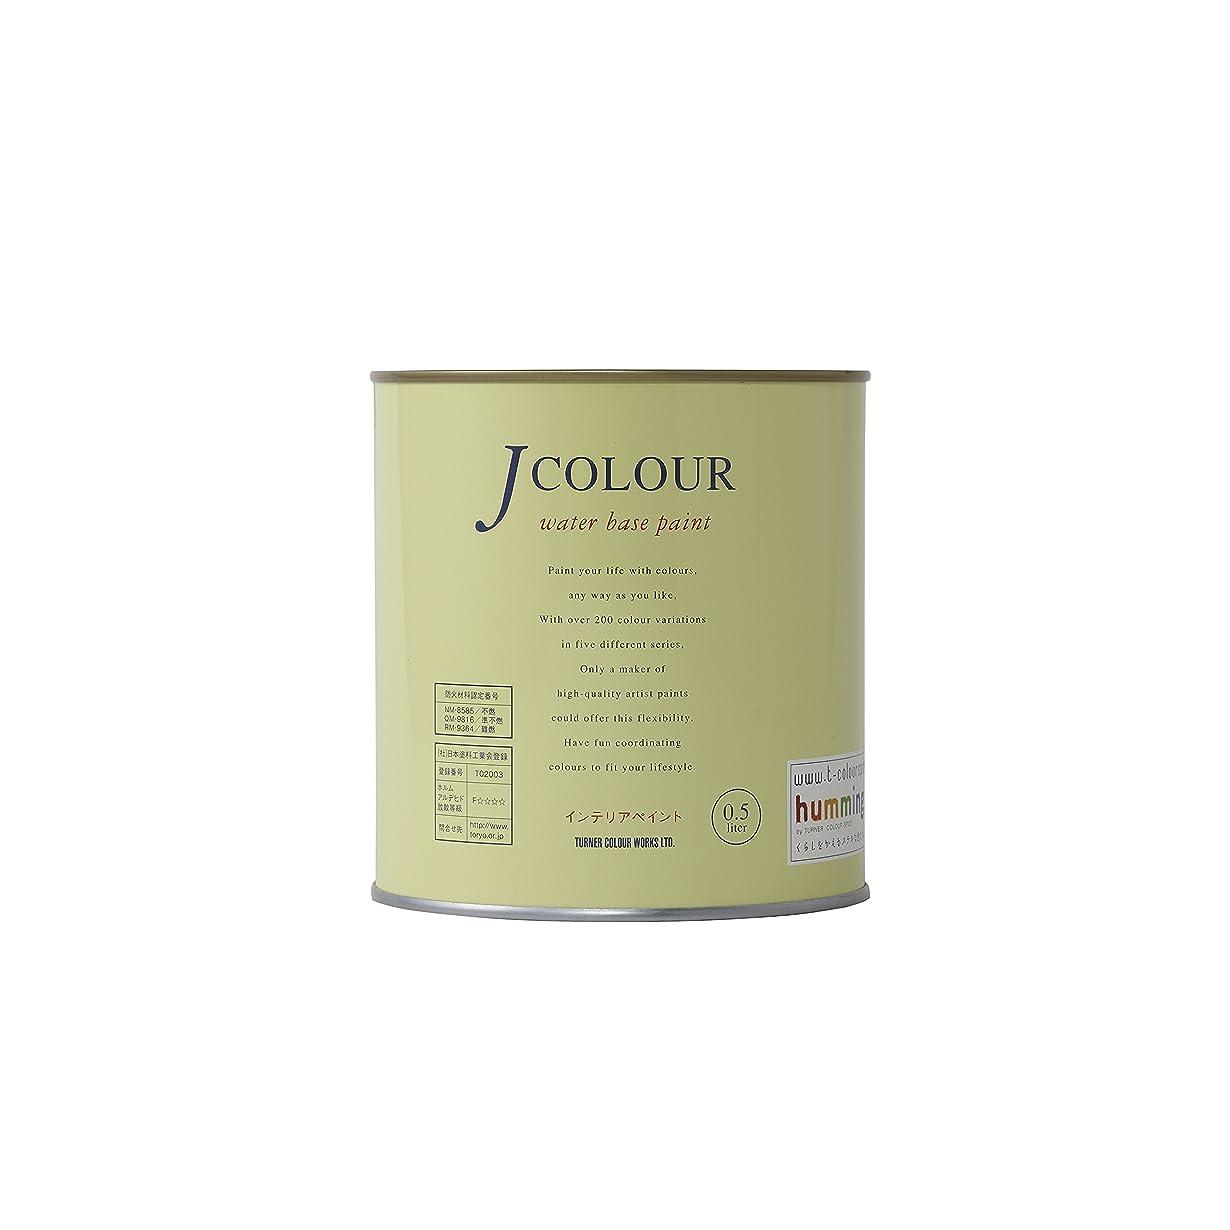 日焼けアプローチ世紀ターナー JCOLOUR ターコイズブルー 0.5L JC05VI2A